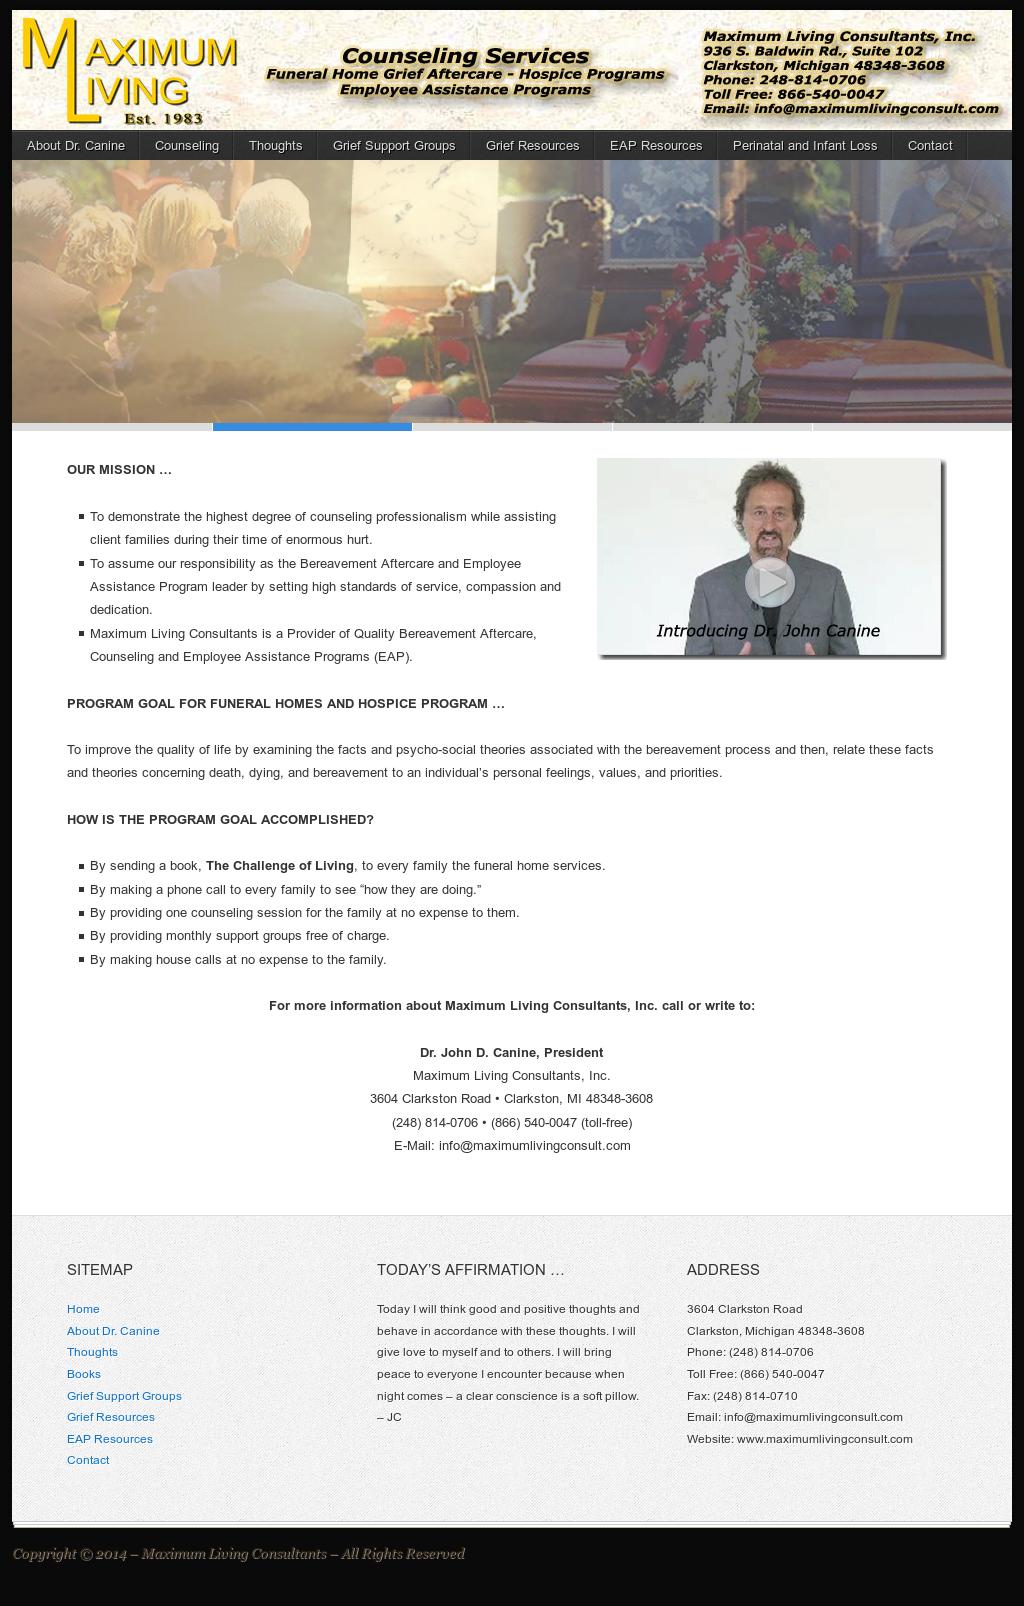 Maximum Living Consultants Competitors, Revenue and